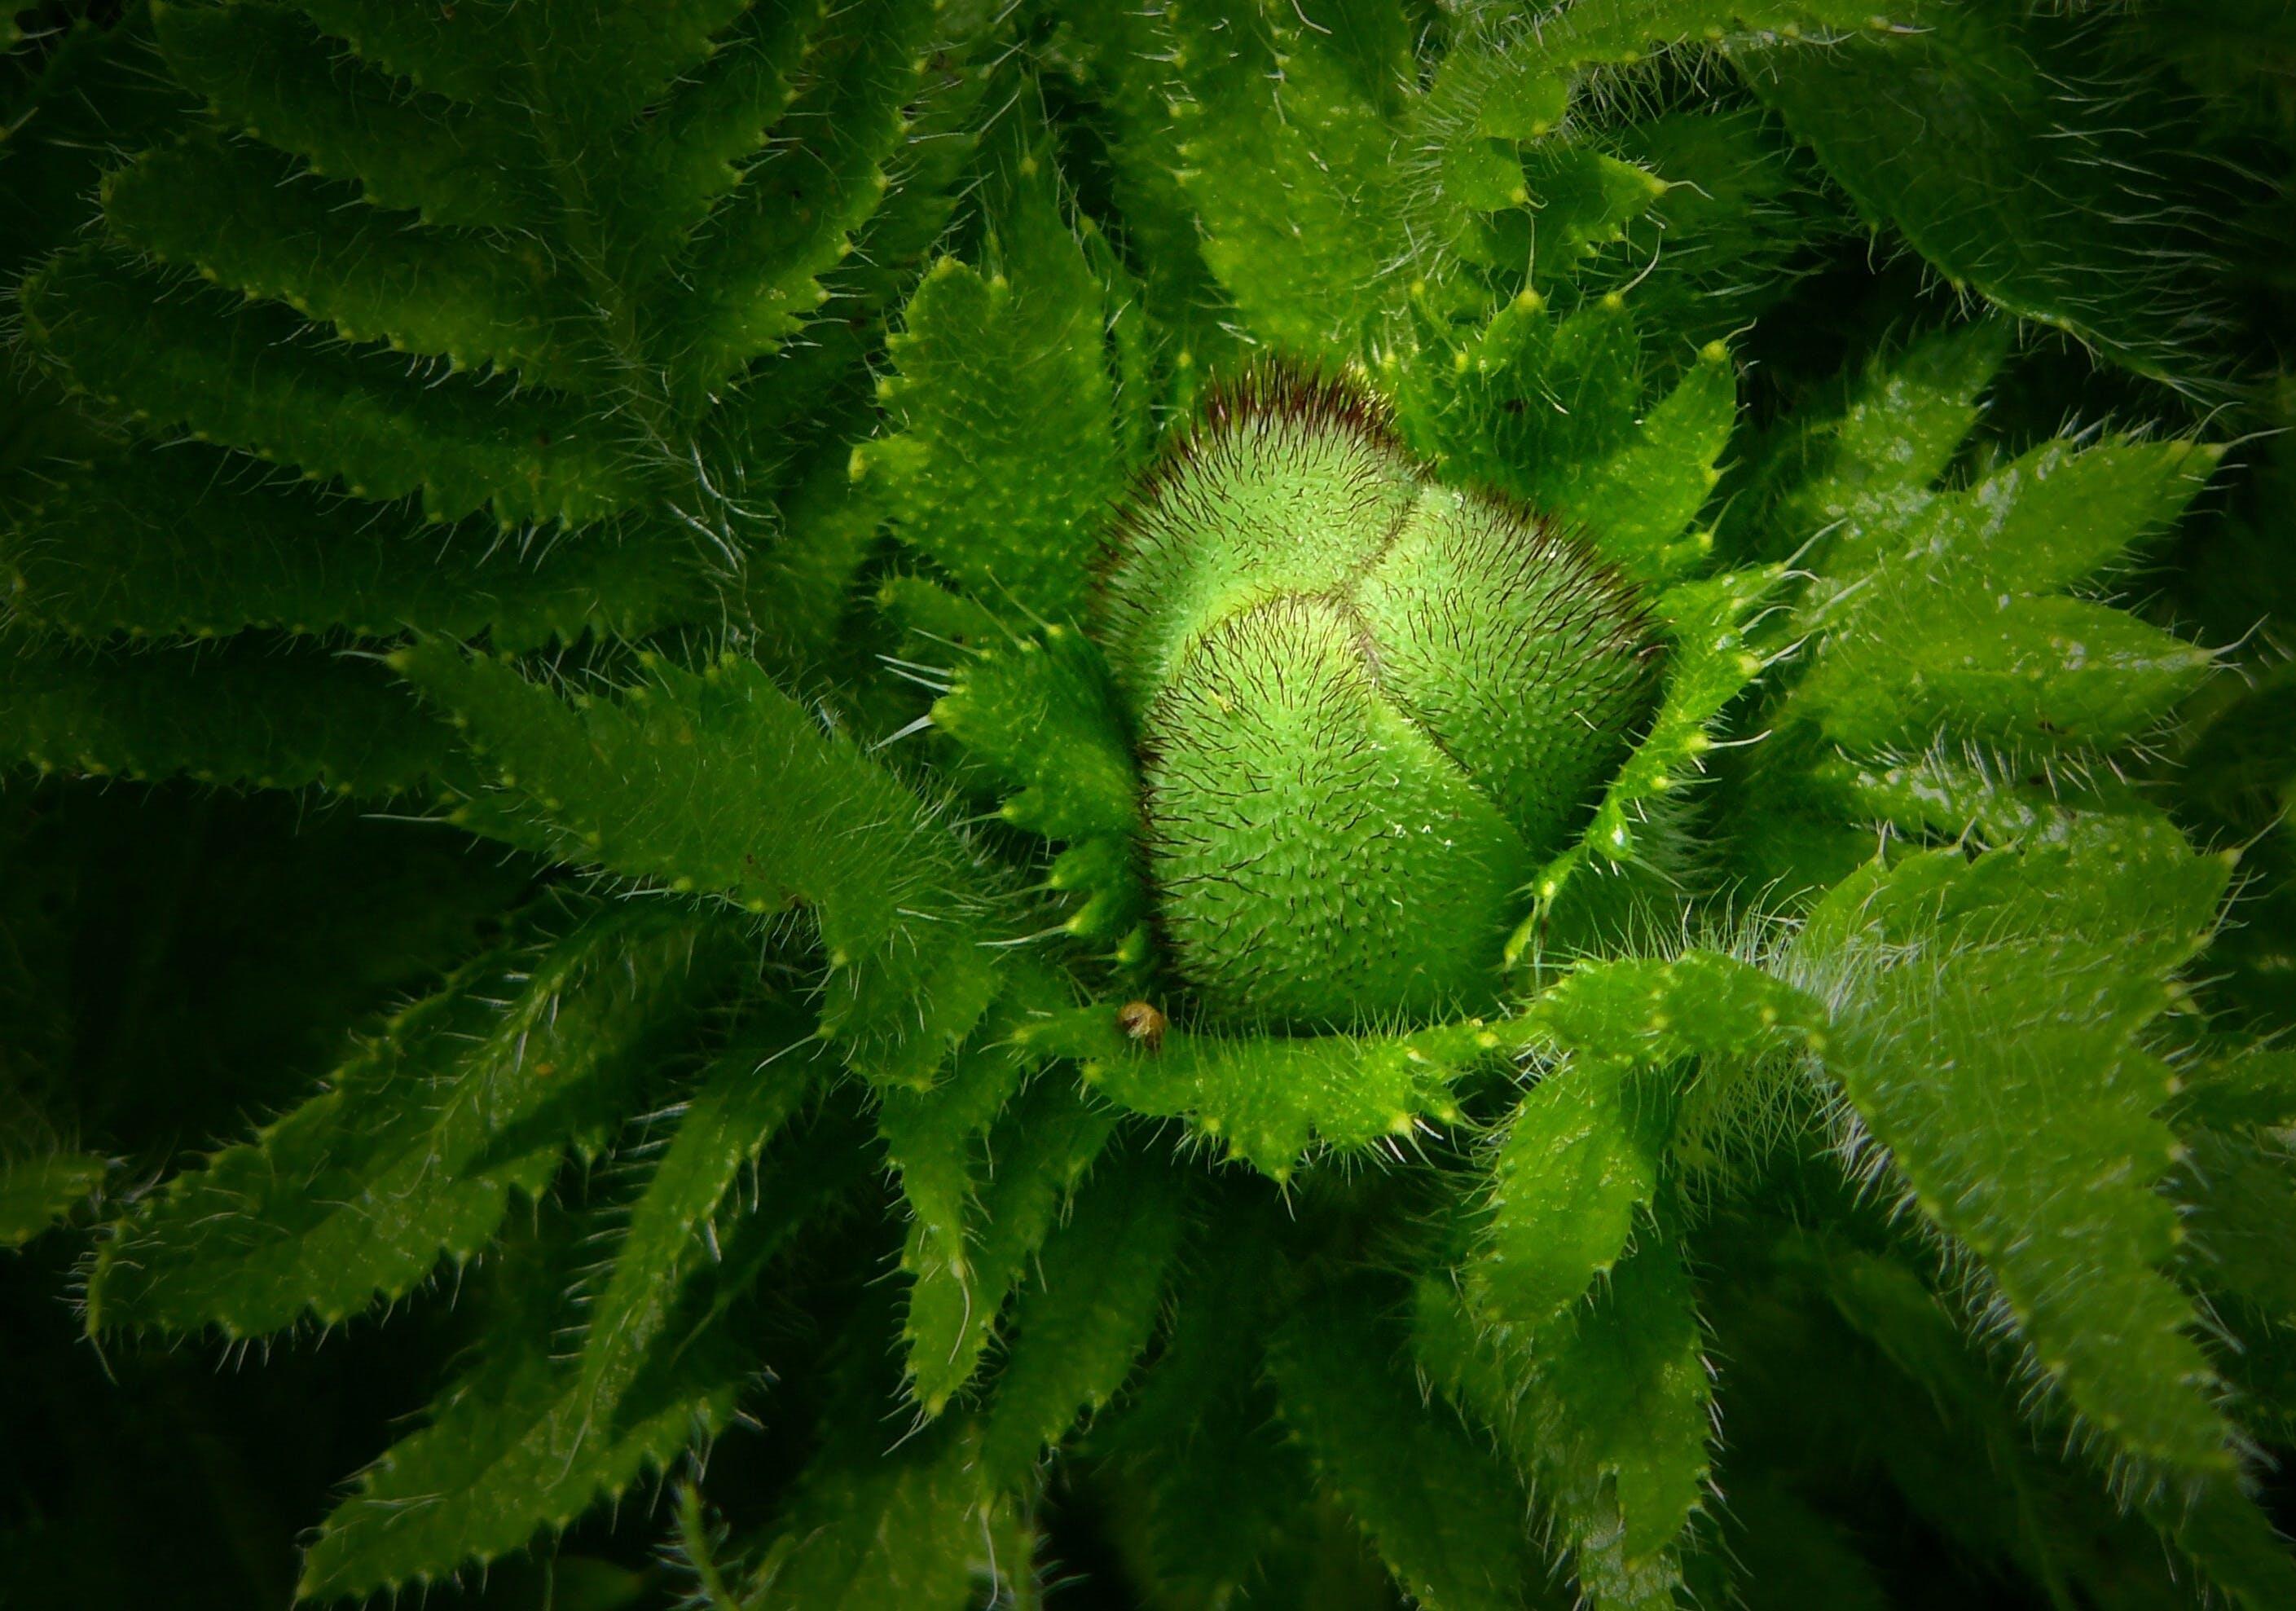 녹색, 식물, 자연, 클로즈업의 무료 스톡 사진